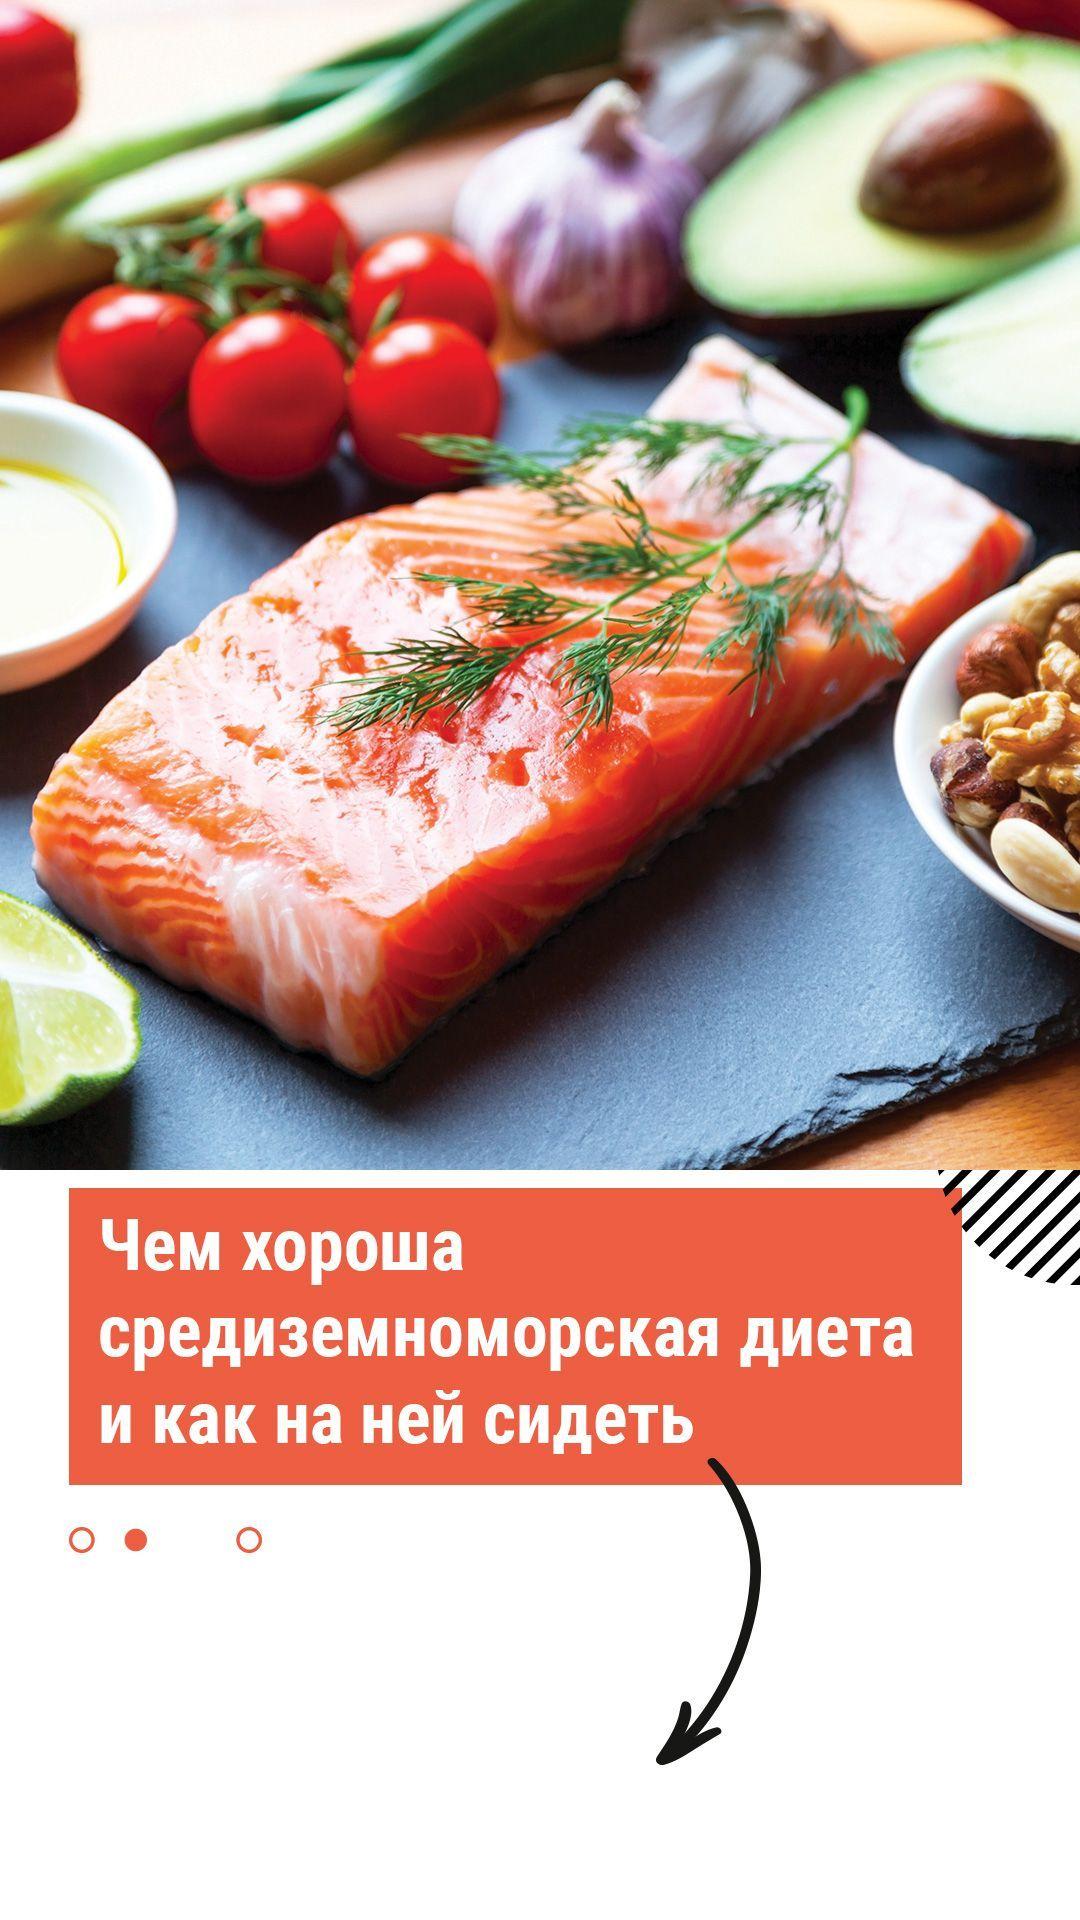 Палео диета: что это такое, палеолитическое меню на неделю для женщин, список продуктов для палеодиеты, отзывы похудевших, мнение диетологов | customs.news